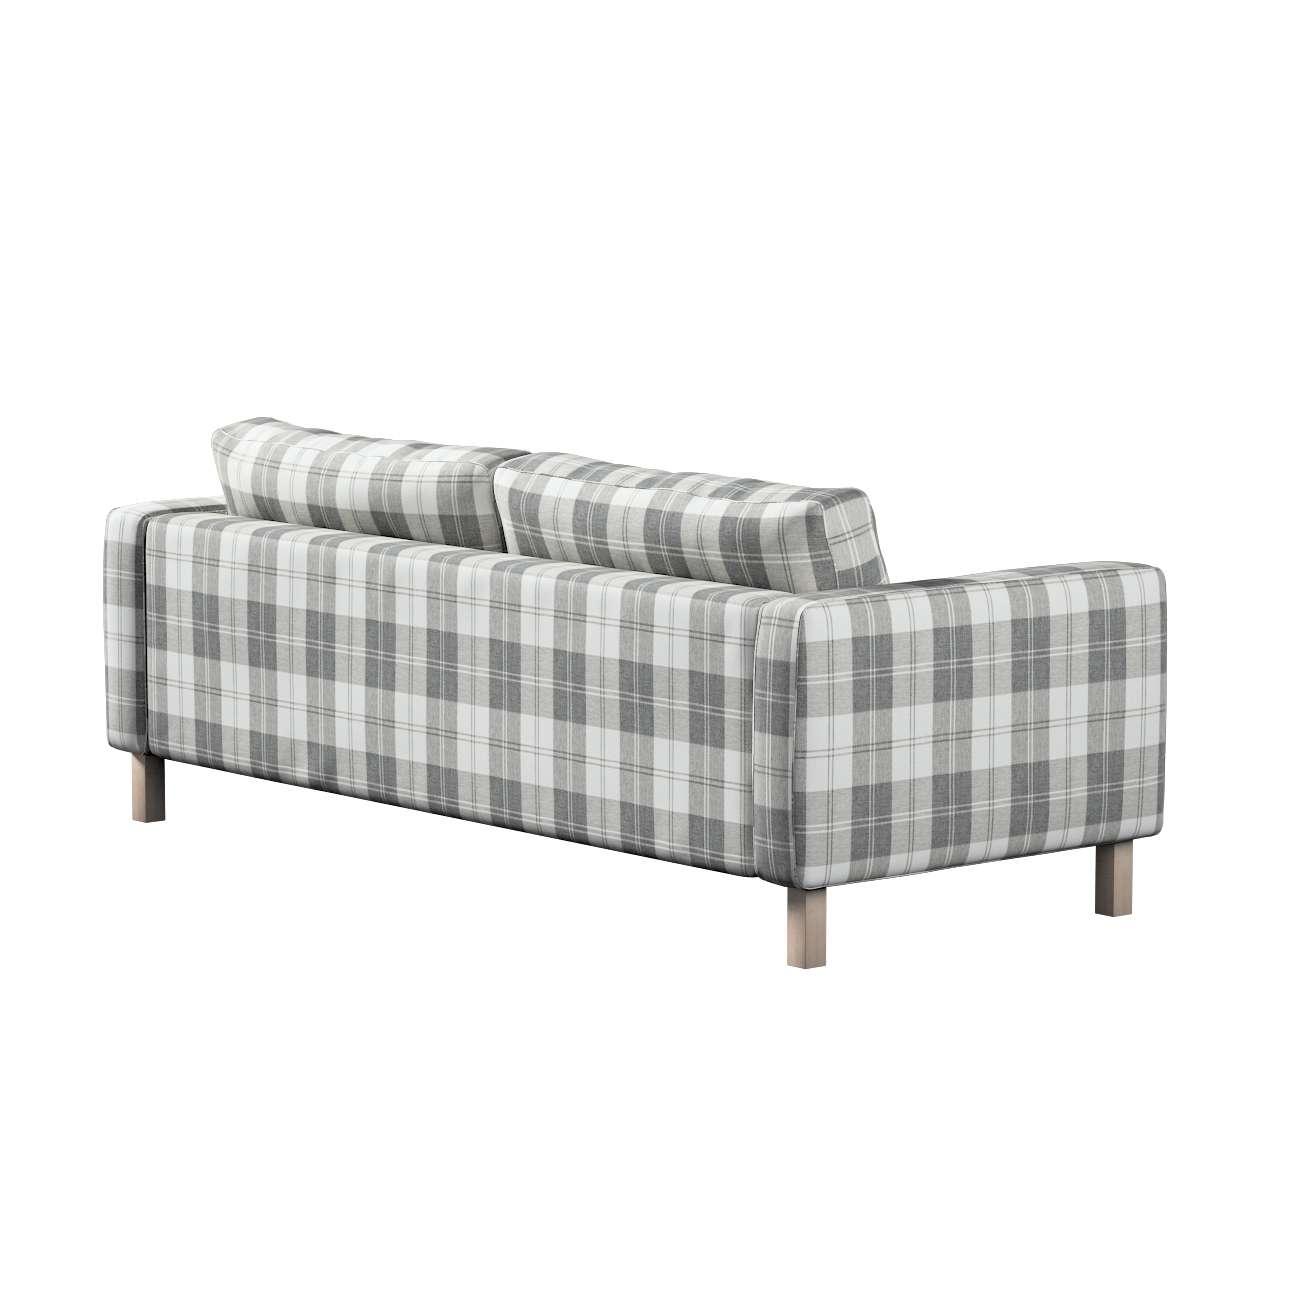 Pokrowiec na sofę Karlstad 3-osobową nierozkładaną, krótki w kolekcji Edinburgh, tkanina: 115-79